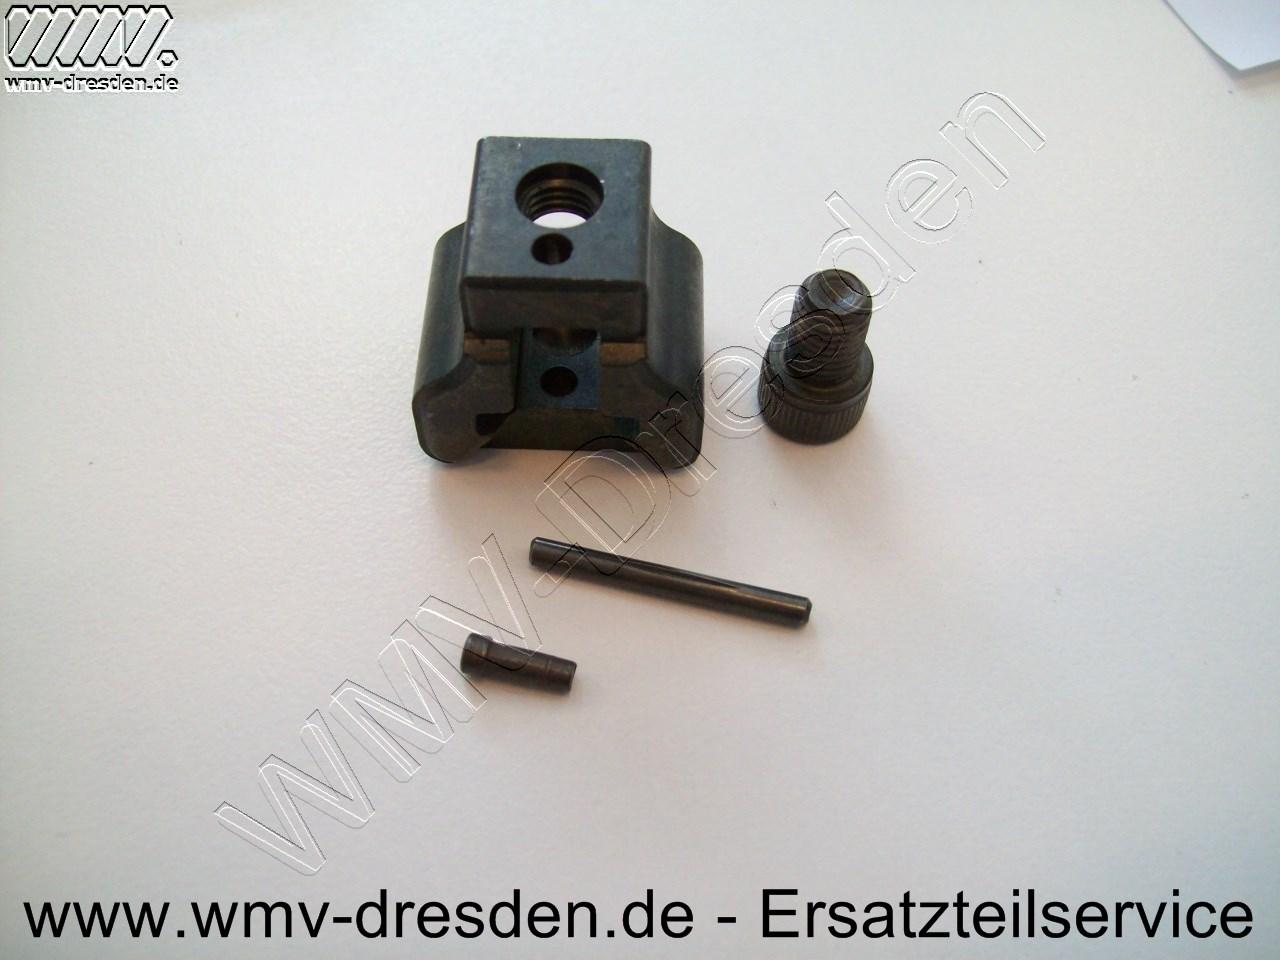 Blatthalter-Set für D 575 E >>>  beinhaltet Klemmblock, 1 Schraube und 2 Bolzen <<<